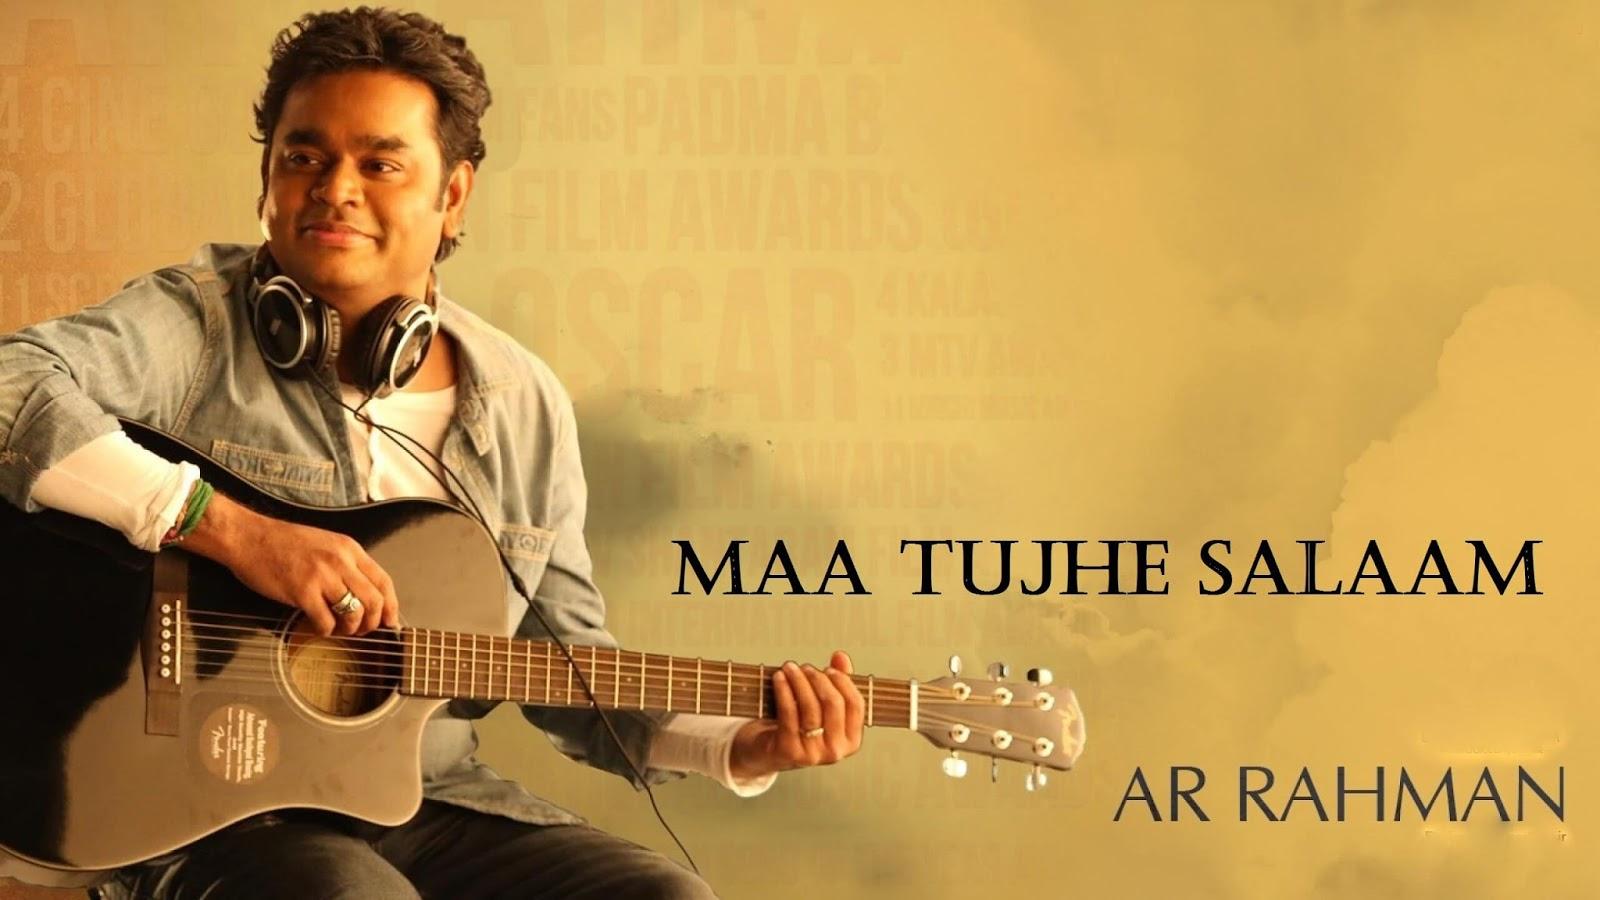 Maa Tujhe Salaam Chords Tabs Vande Maatram A R Rahman Thedeepak